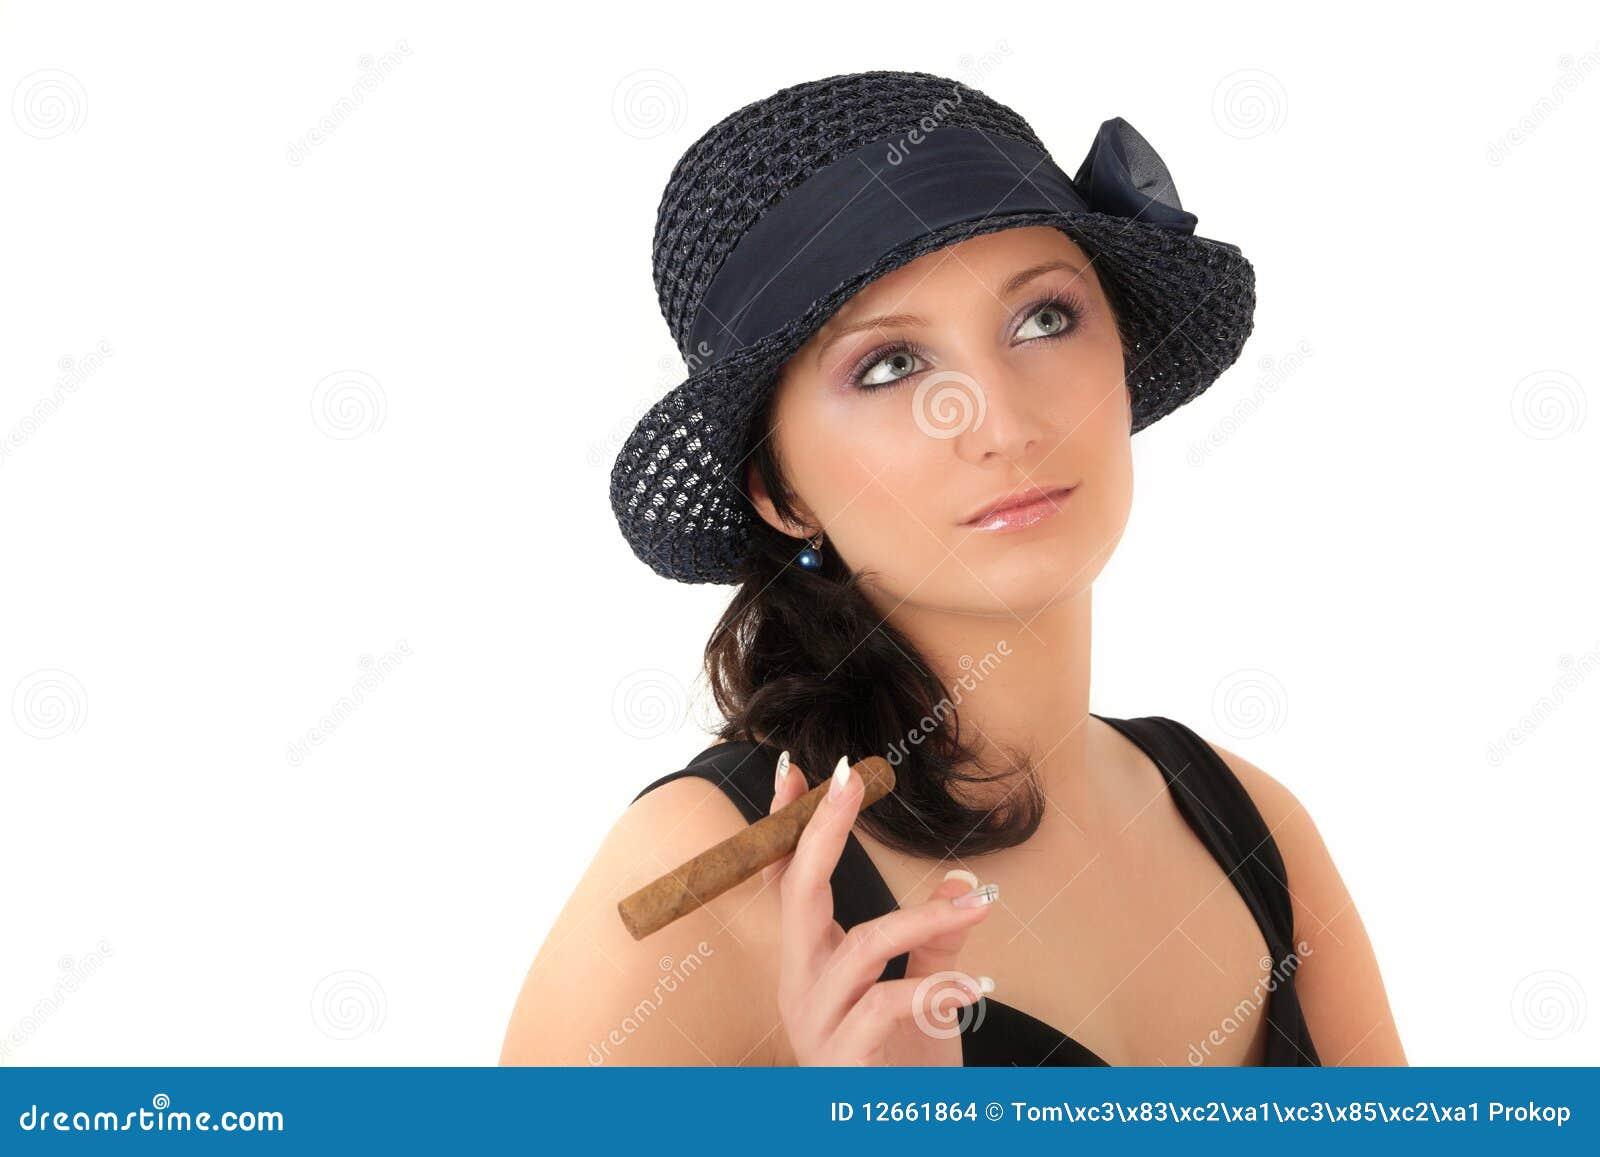 Mujer busca hombre en molins de rei